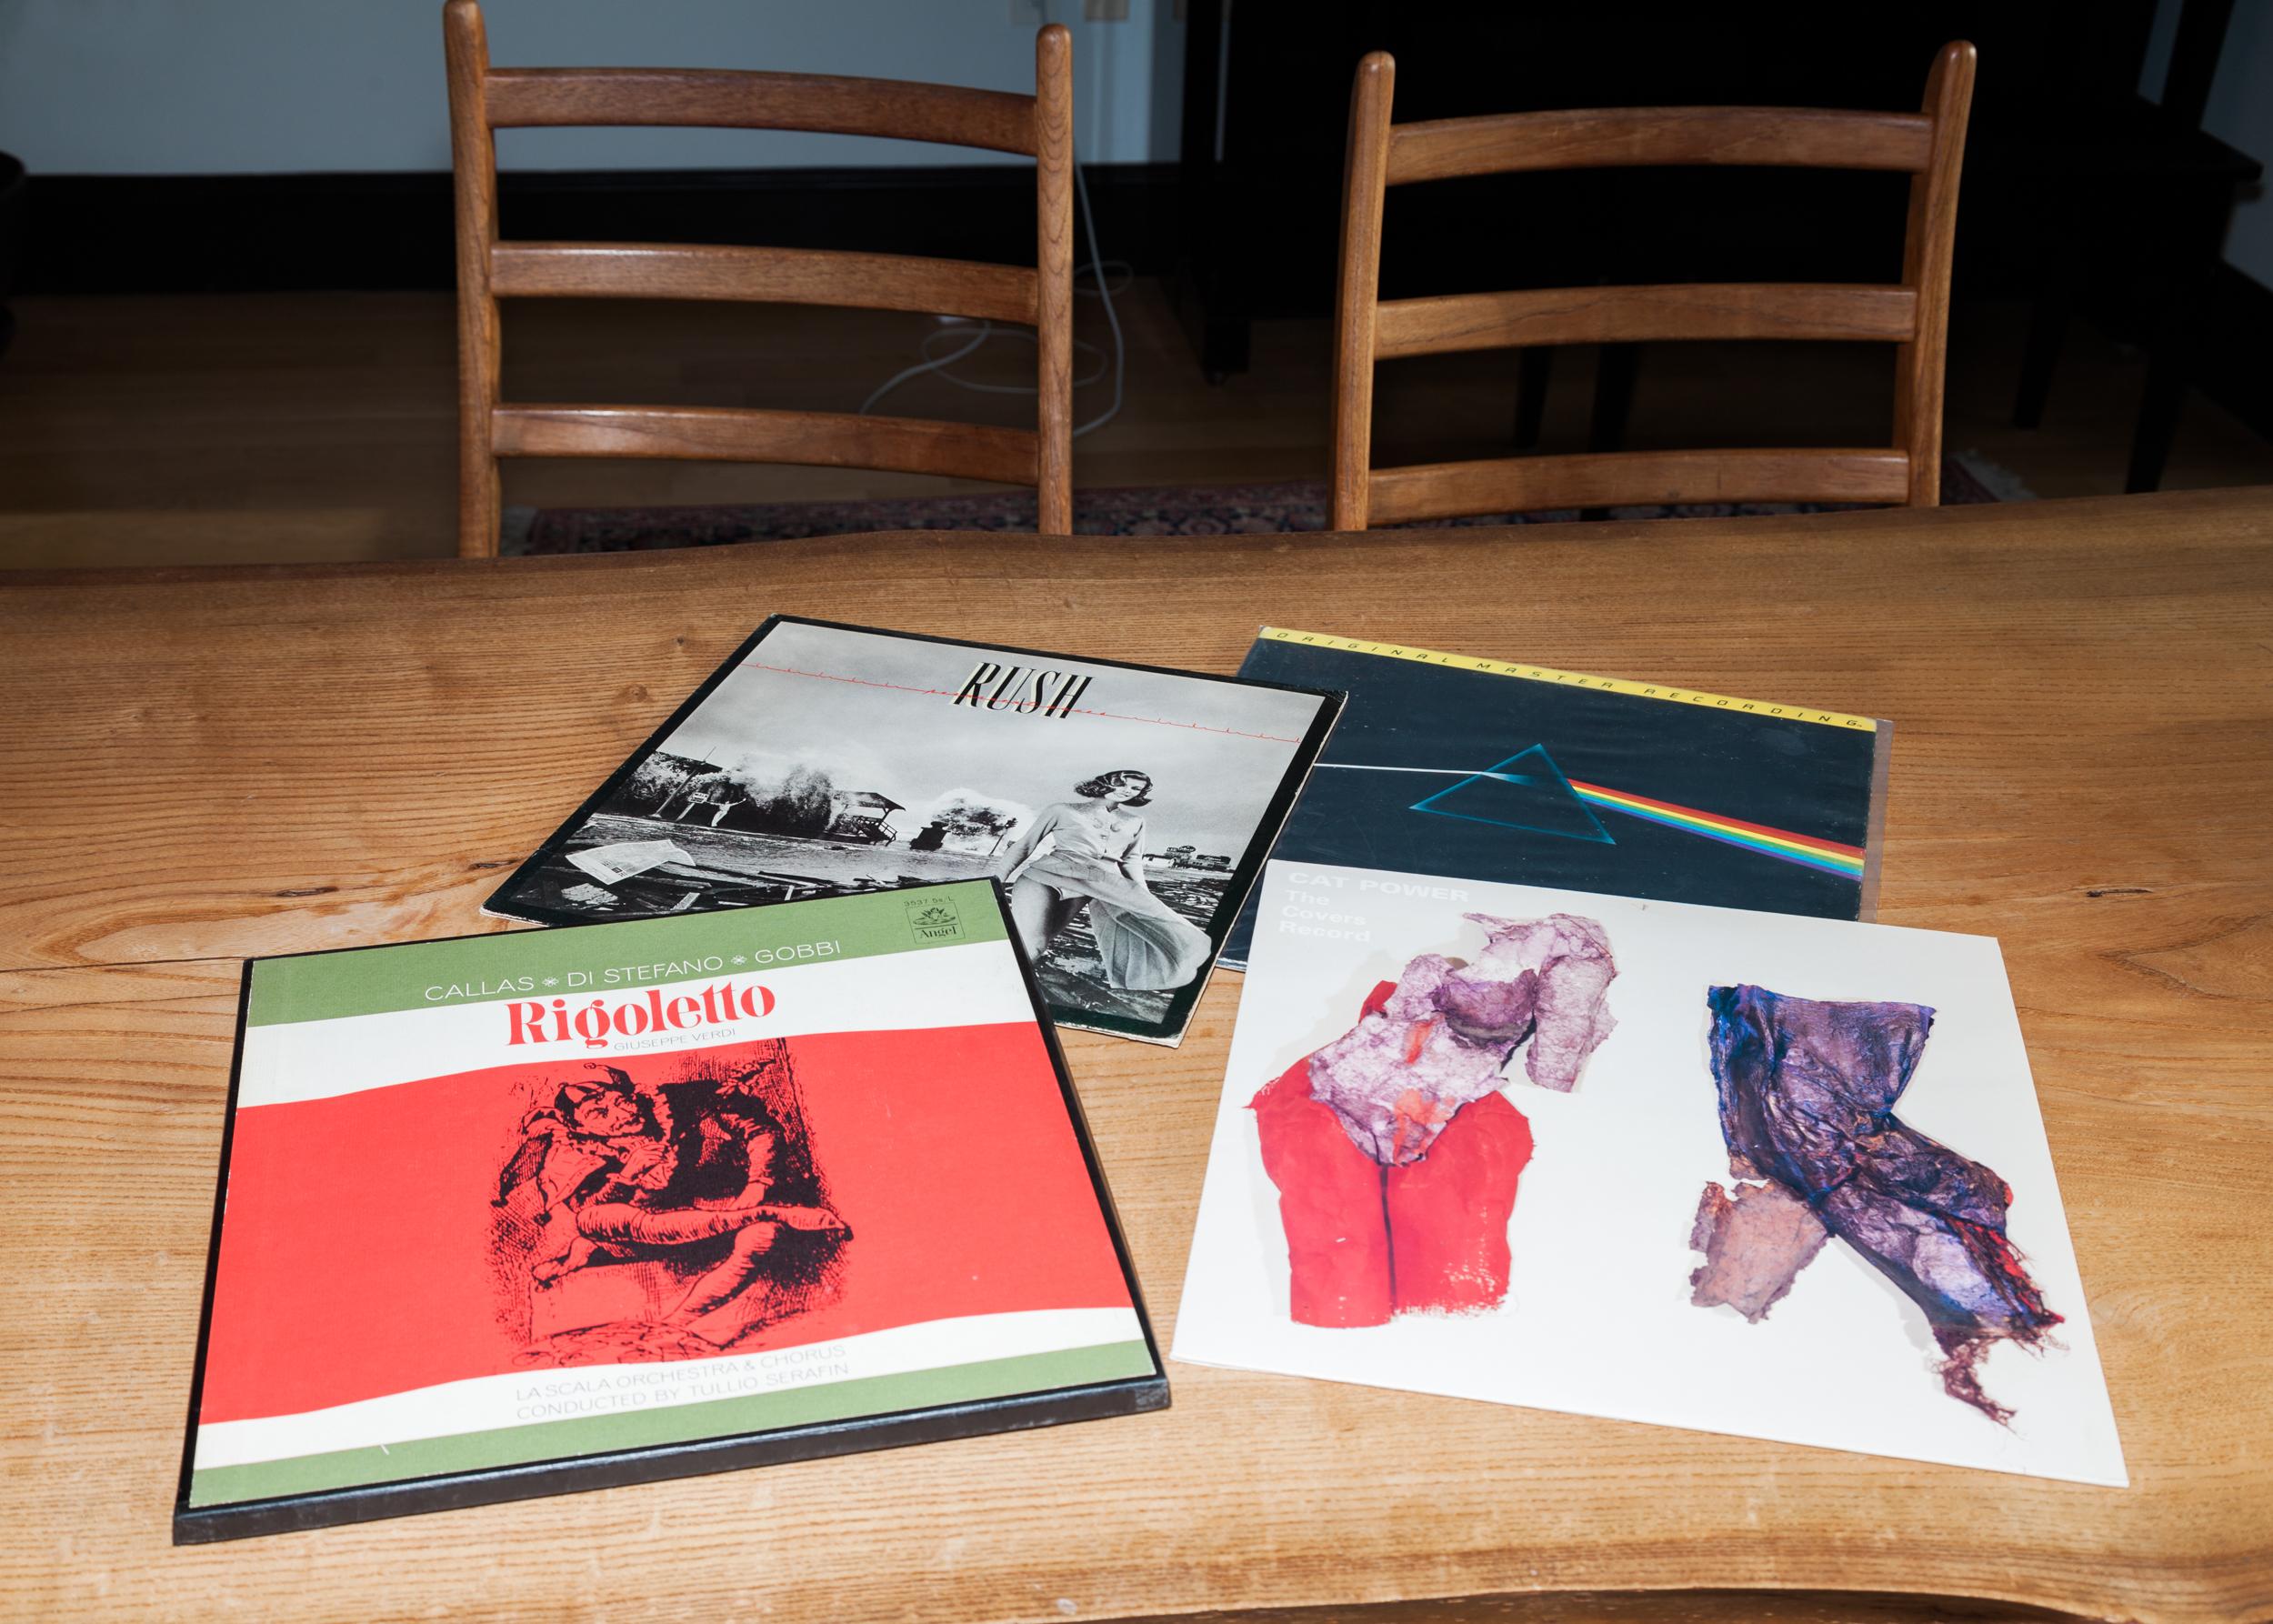 Yael's favorite records